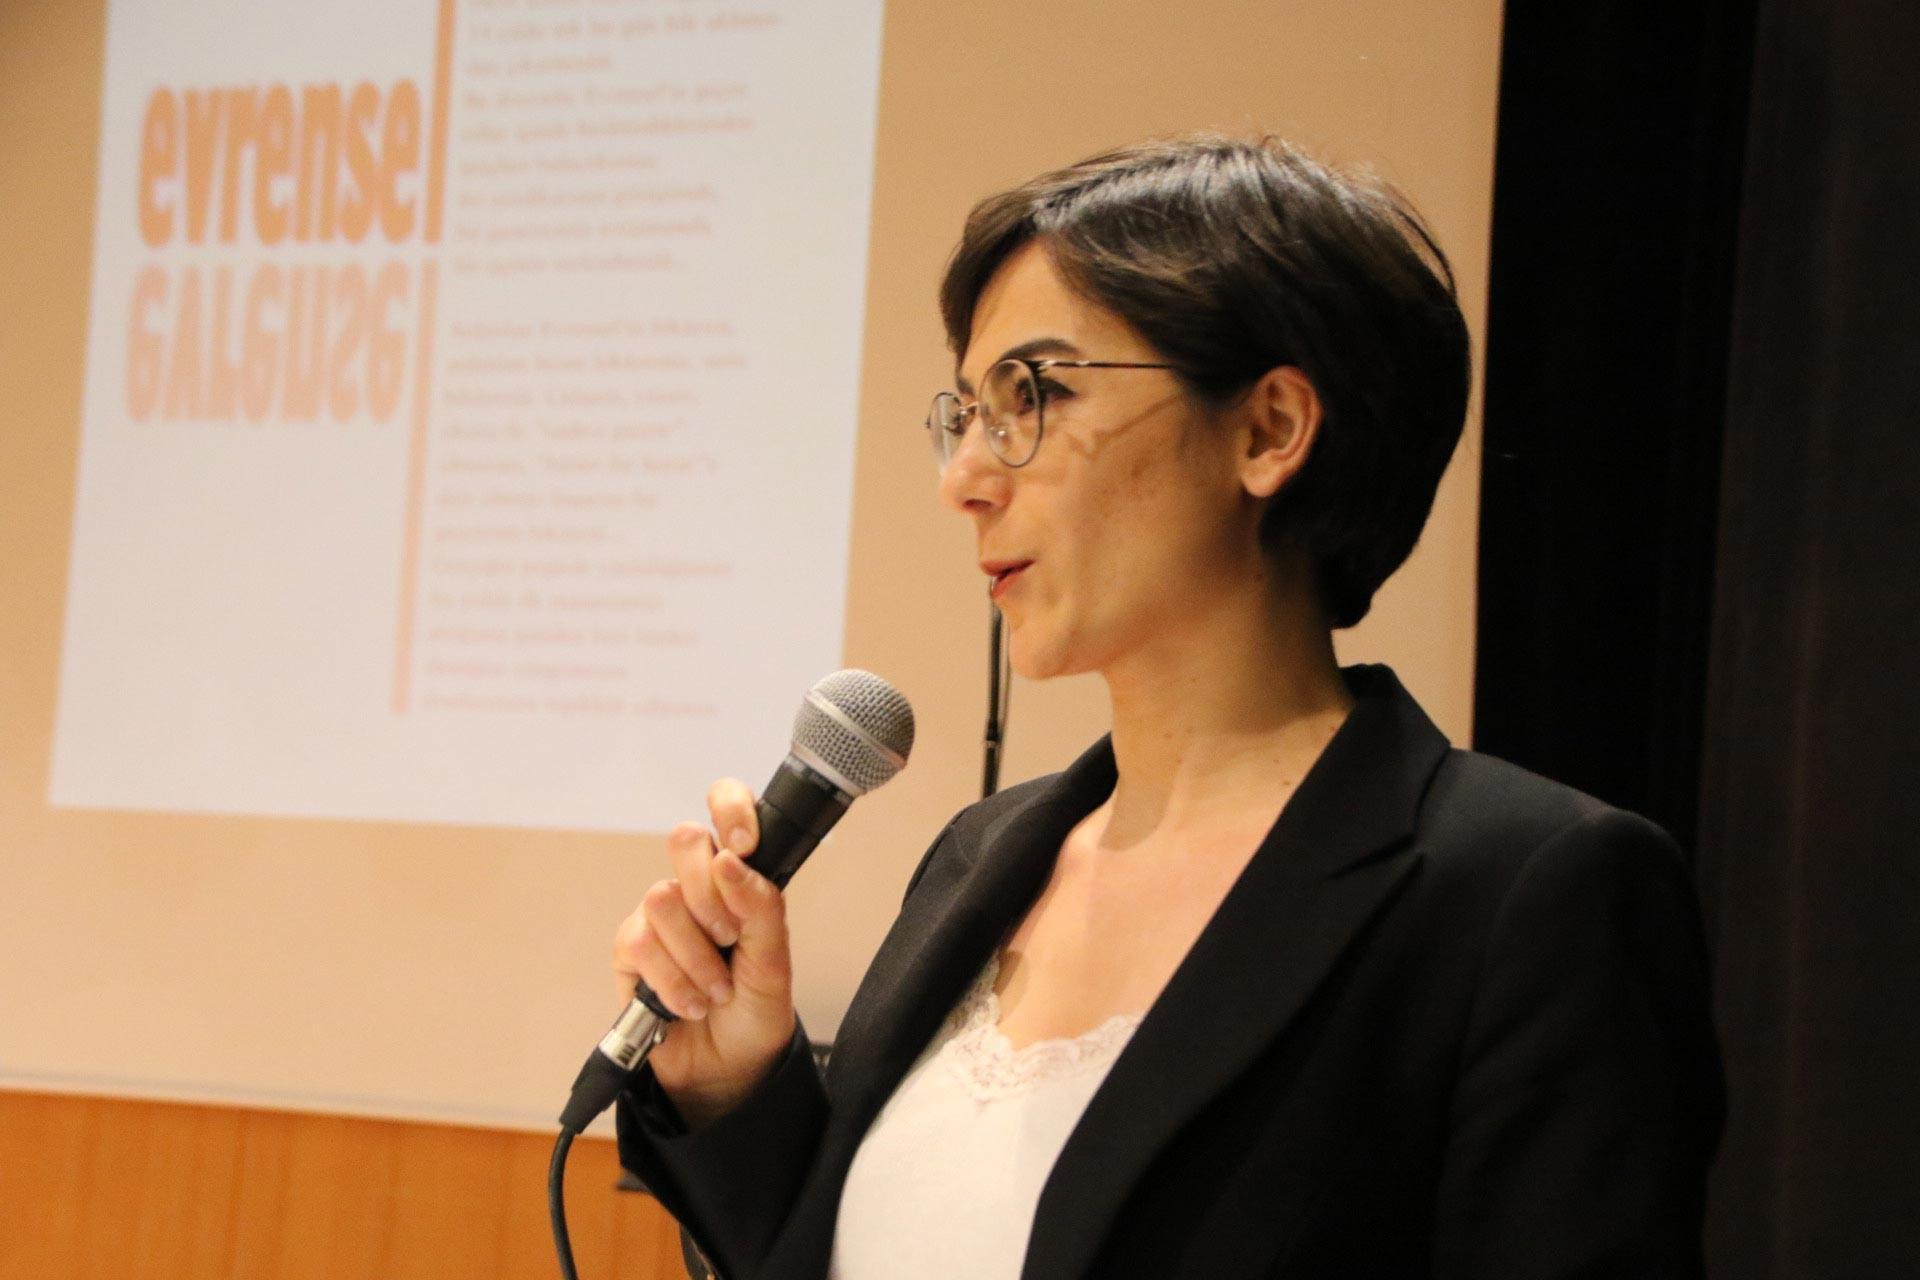 Evrensel Muhabiri Burcu Yıldırım, Ankara'da düzenlenen Evrensel ile dayanışma etkinliğinde konuşmasını yaparken